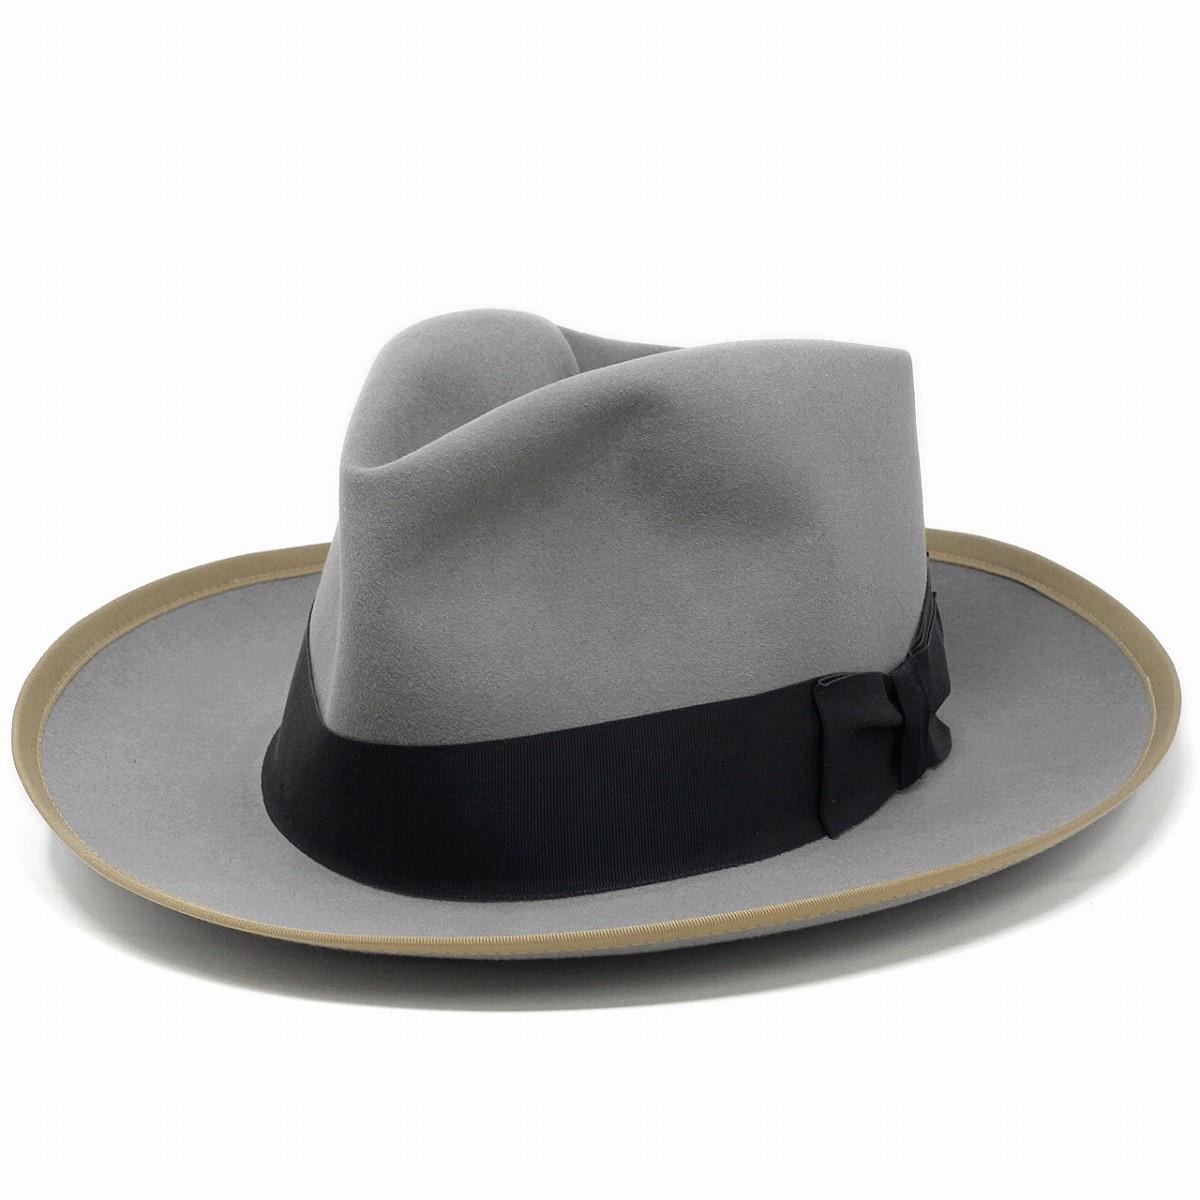 フェルトハット メンズ ブランド STETSON STETSONIAN オープンクラウンハット フェルト ビーバー ラビット ステットソン ヴィンテージ復刻 フェルト帽 アメリカ製 ダービーハット 58cm 60cm / ライトグレー [ felt hat ] [ derby hat ]